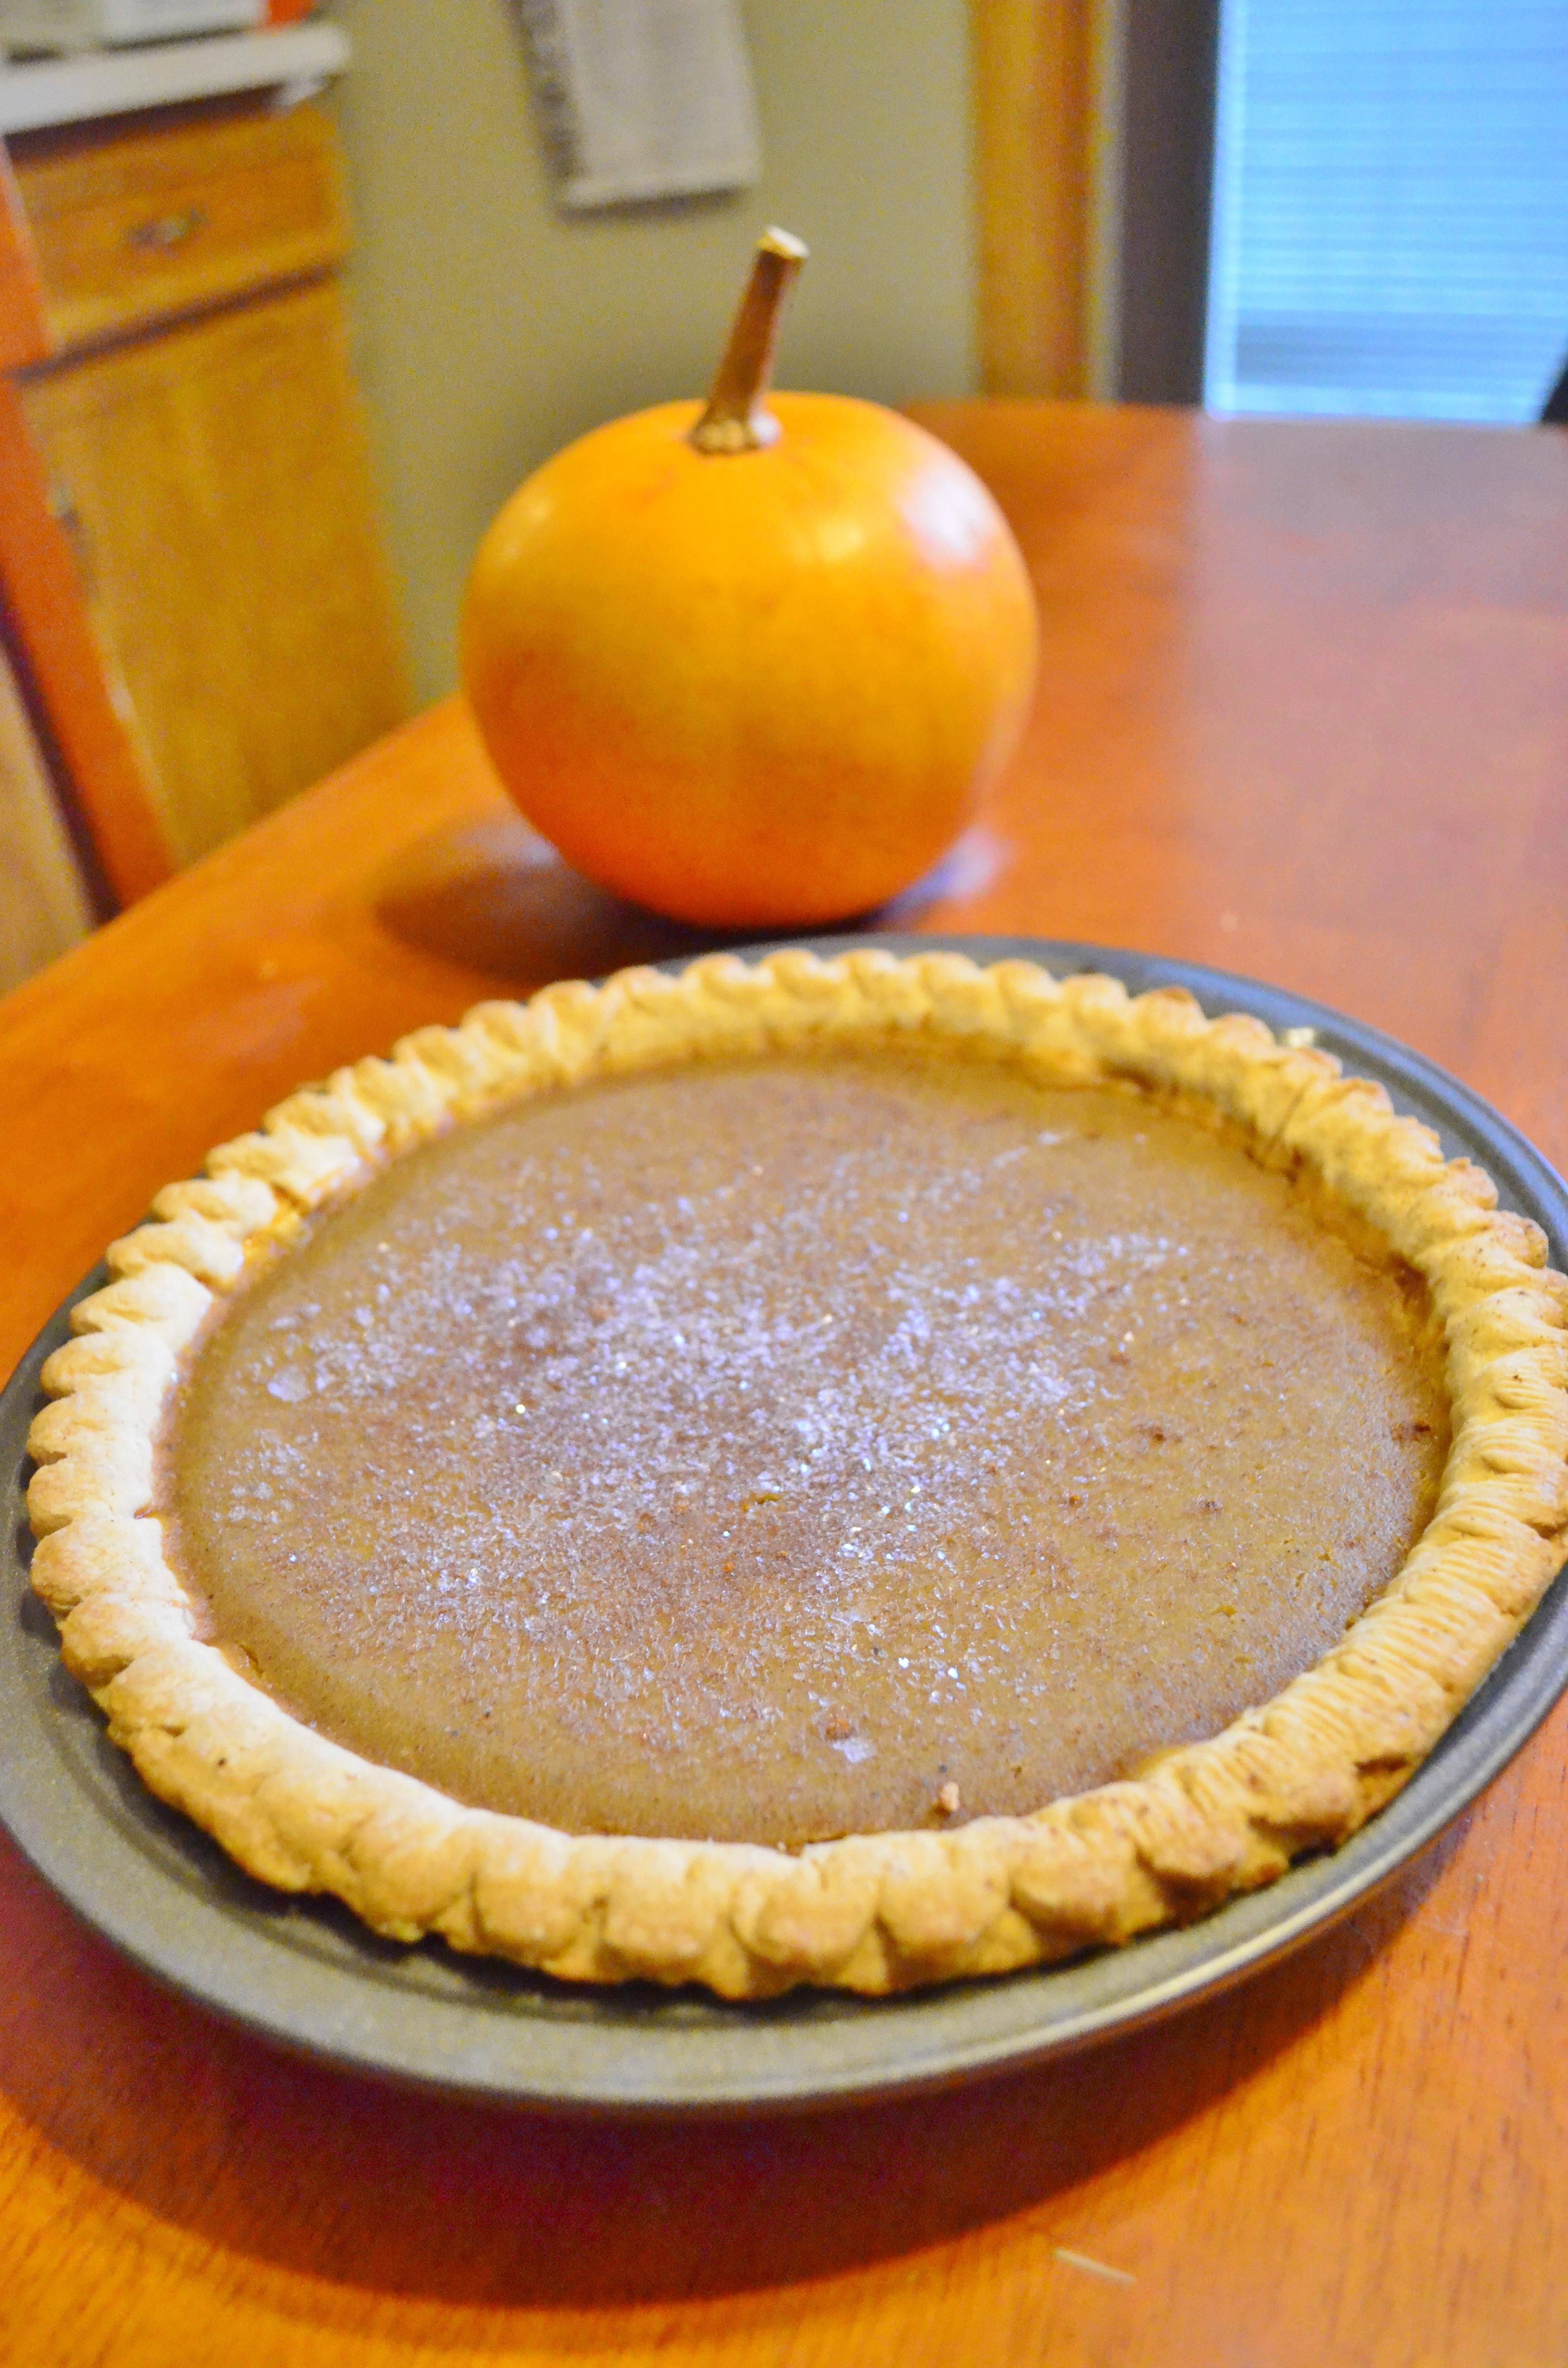 Recipe For Pumpkin Pie  Homemade Flavorful Pumpkin Pie from Scratch Recipe